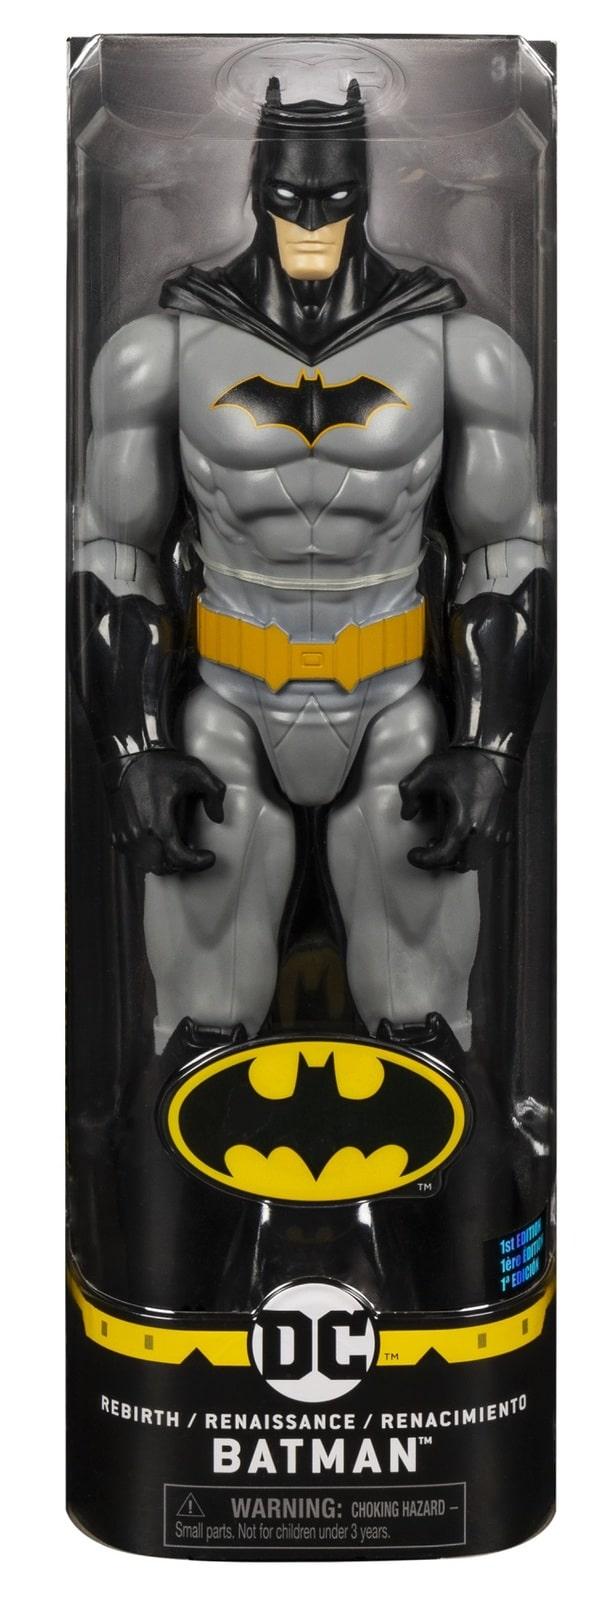 DC COMICS BATMAN 30CM FIGURE - REBIRTH BATMAN - Juniors ...